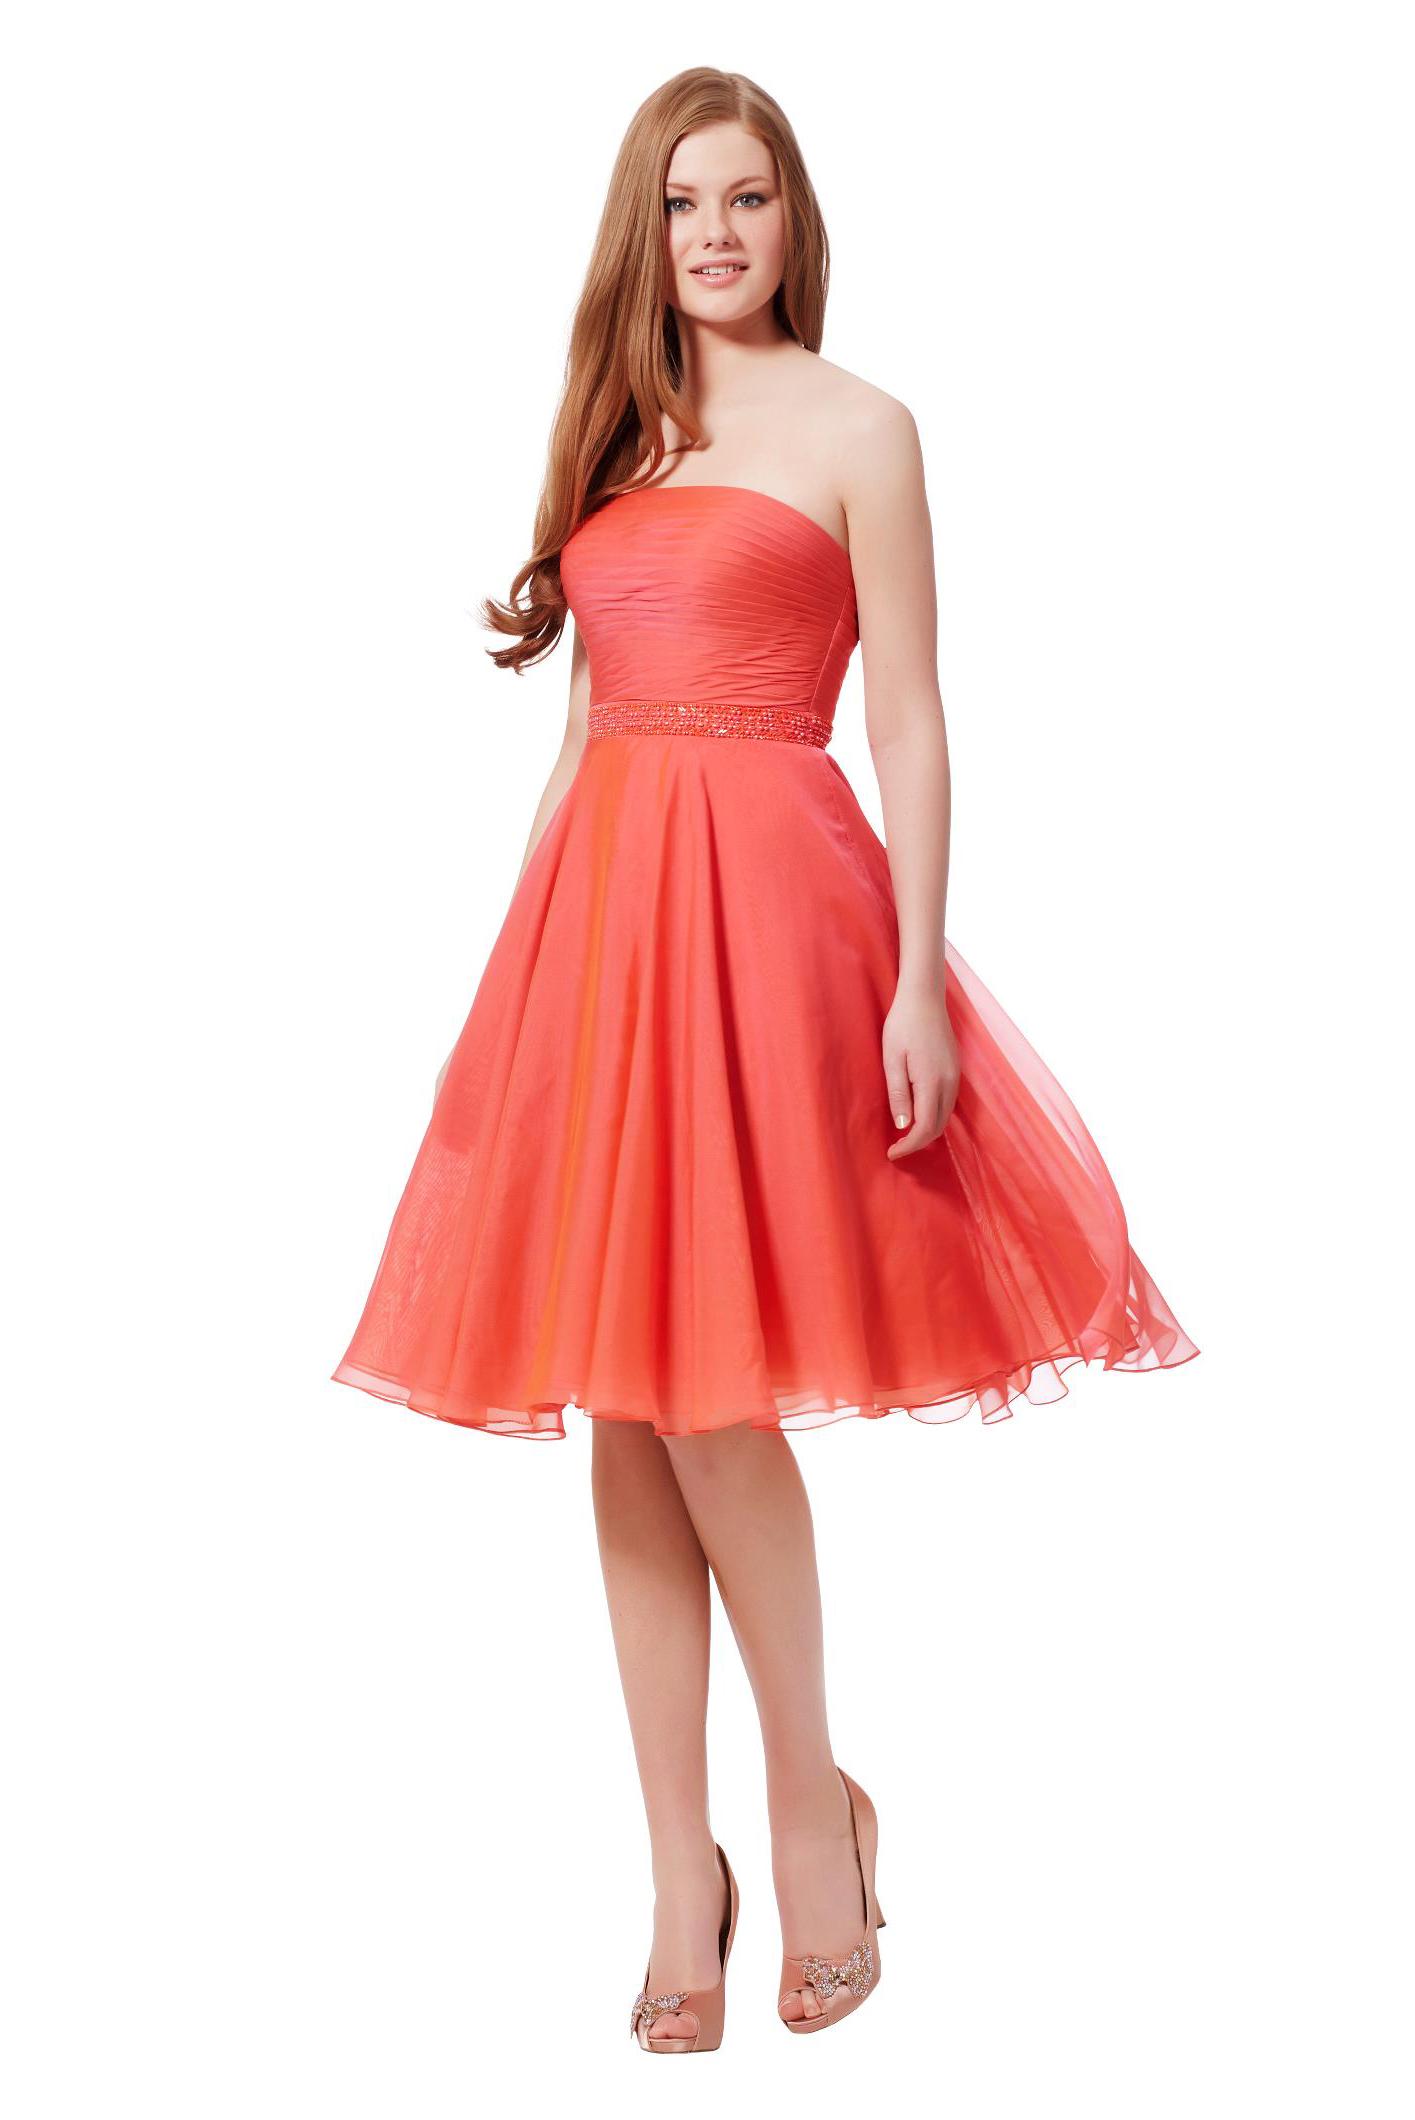 a435f708fb Klasszikus piros színű ruhát keresel, vagy esetleg kedvenc színed  részesíted előnyben? Koktélruha kínálatunkat igyekszünk úgy összeállítani,  hogy mindenki ...